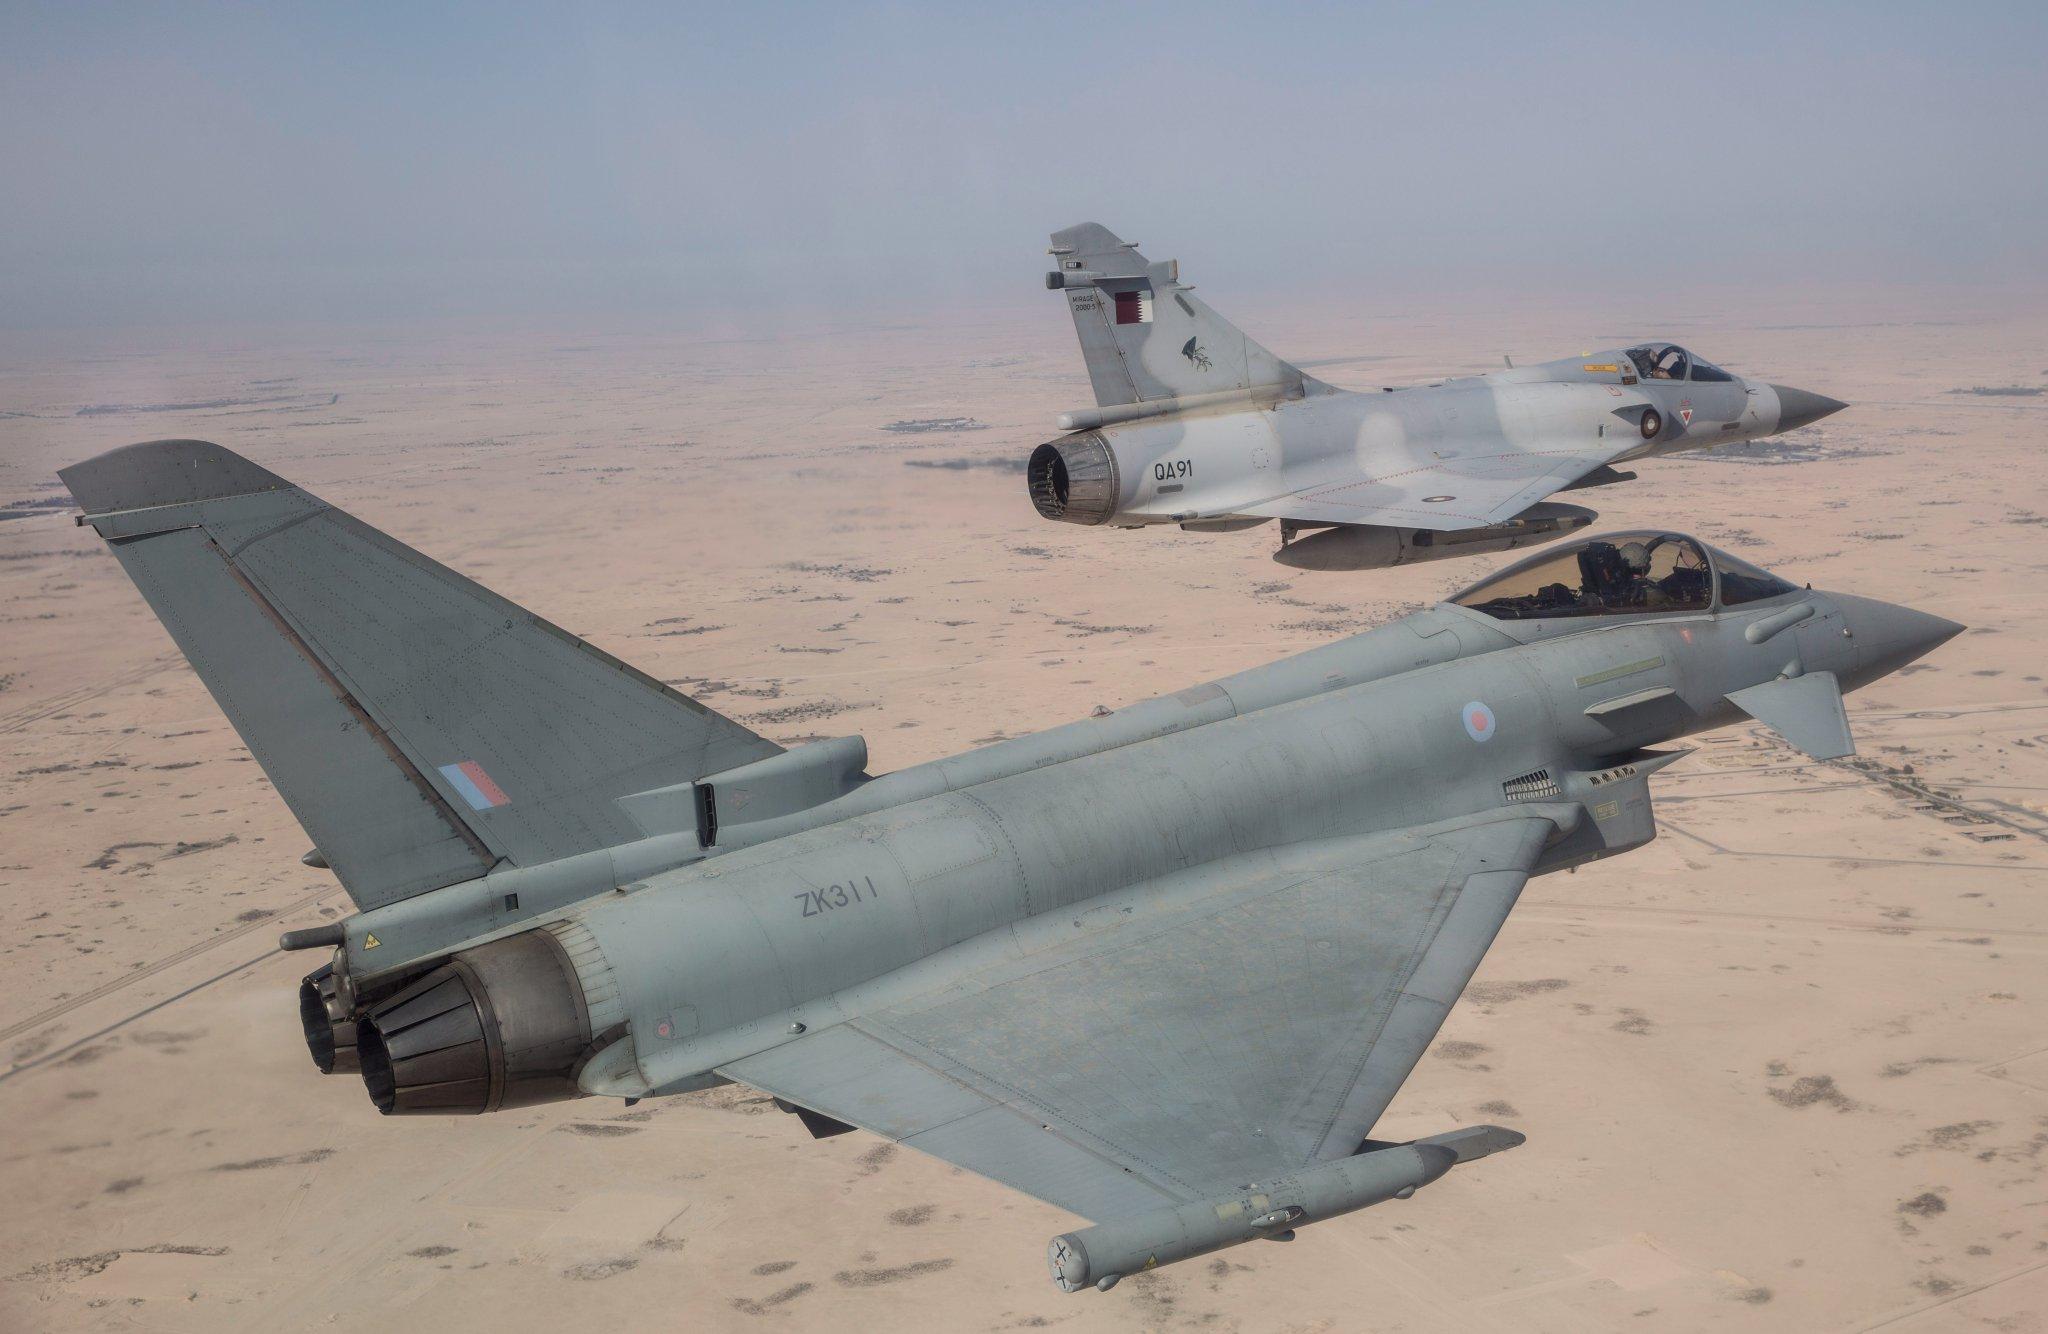 Истребитель Eurofighter Typhoon FGR.4 (британский военный номер ZK311, серийный номер BS064) из состава 6-й эскадрильи ВВС Великобритании в ходе совместного полета с истребителем Dassault Mirage 2000-5EDA (бортовой номер QA91) ВВС Катара во время совместных двухсторонних учений в Катаре, ноябрь 2017 года.